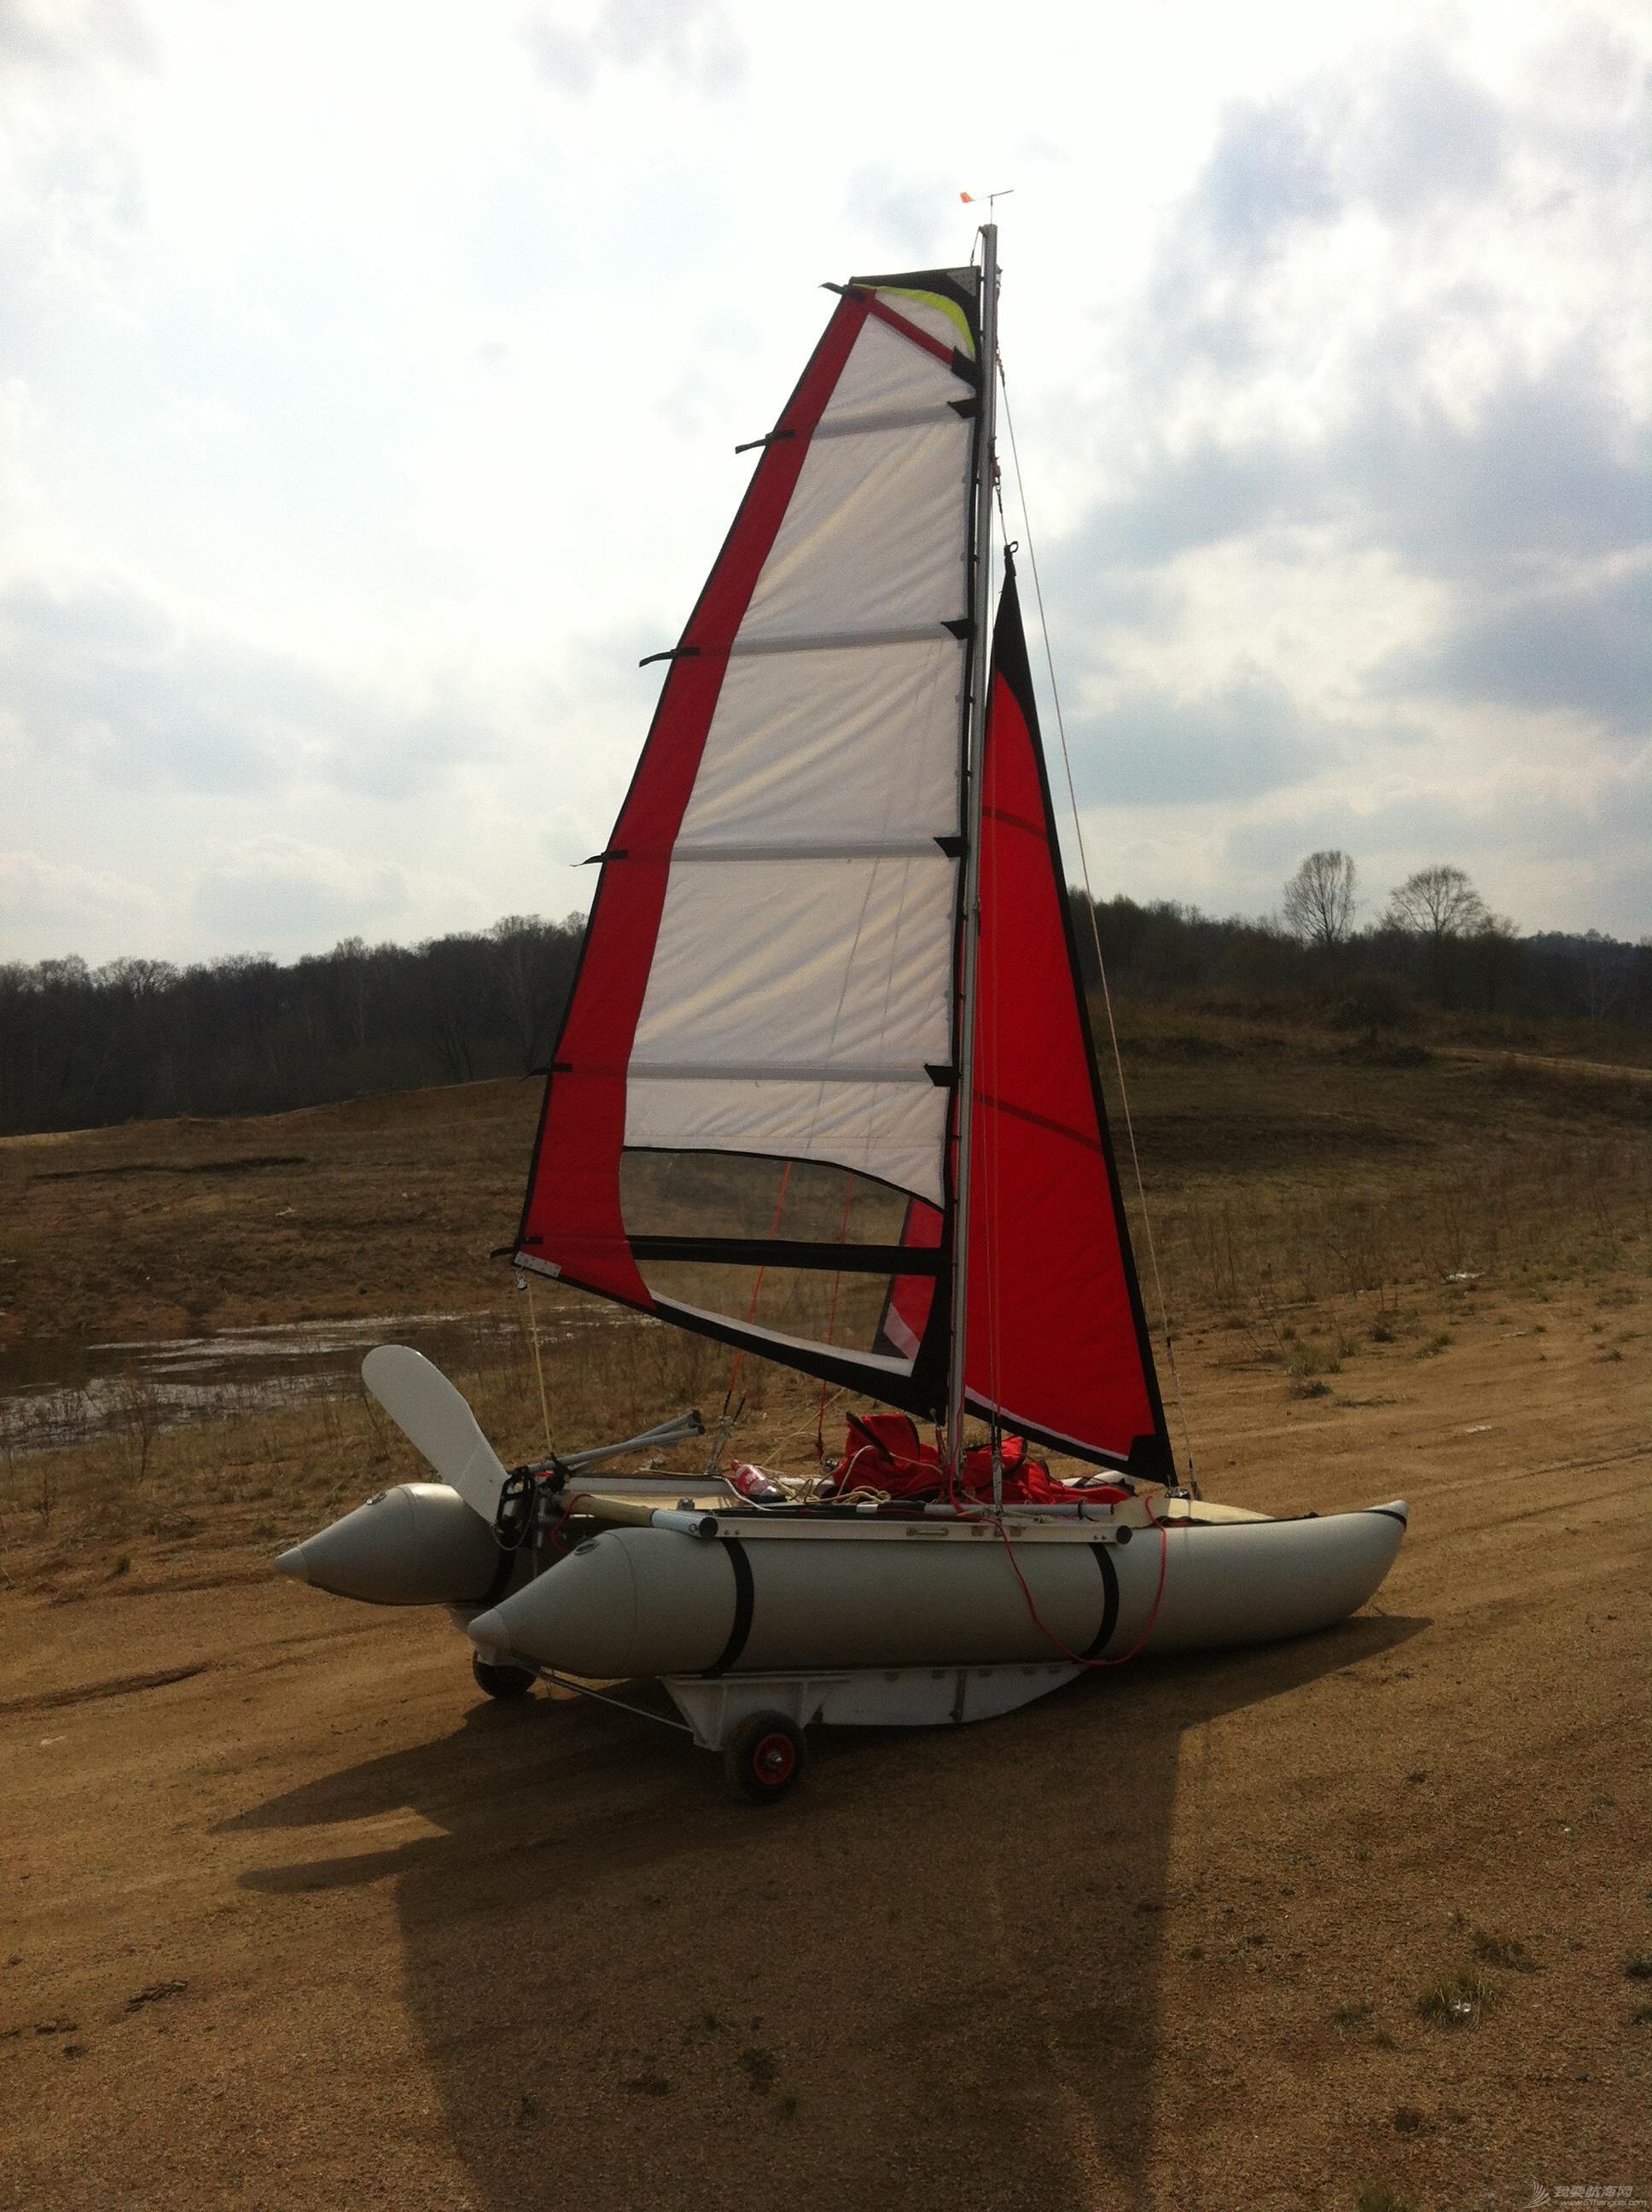 钢丝绳,热那亚,帆船,把手,空间 在家造帆船(下篇) 降下大前帆 打开原主帆